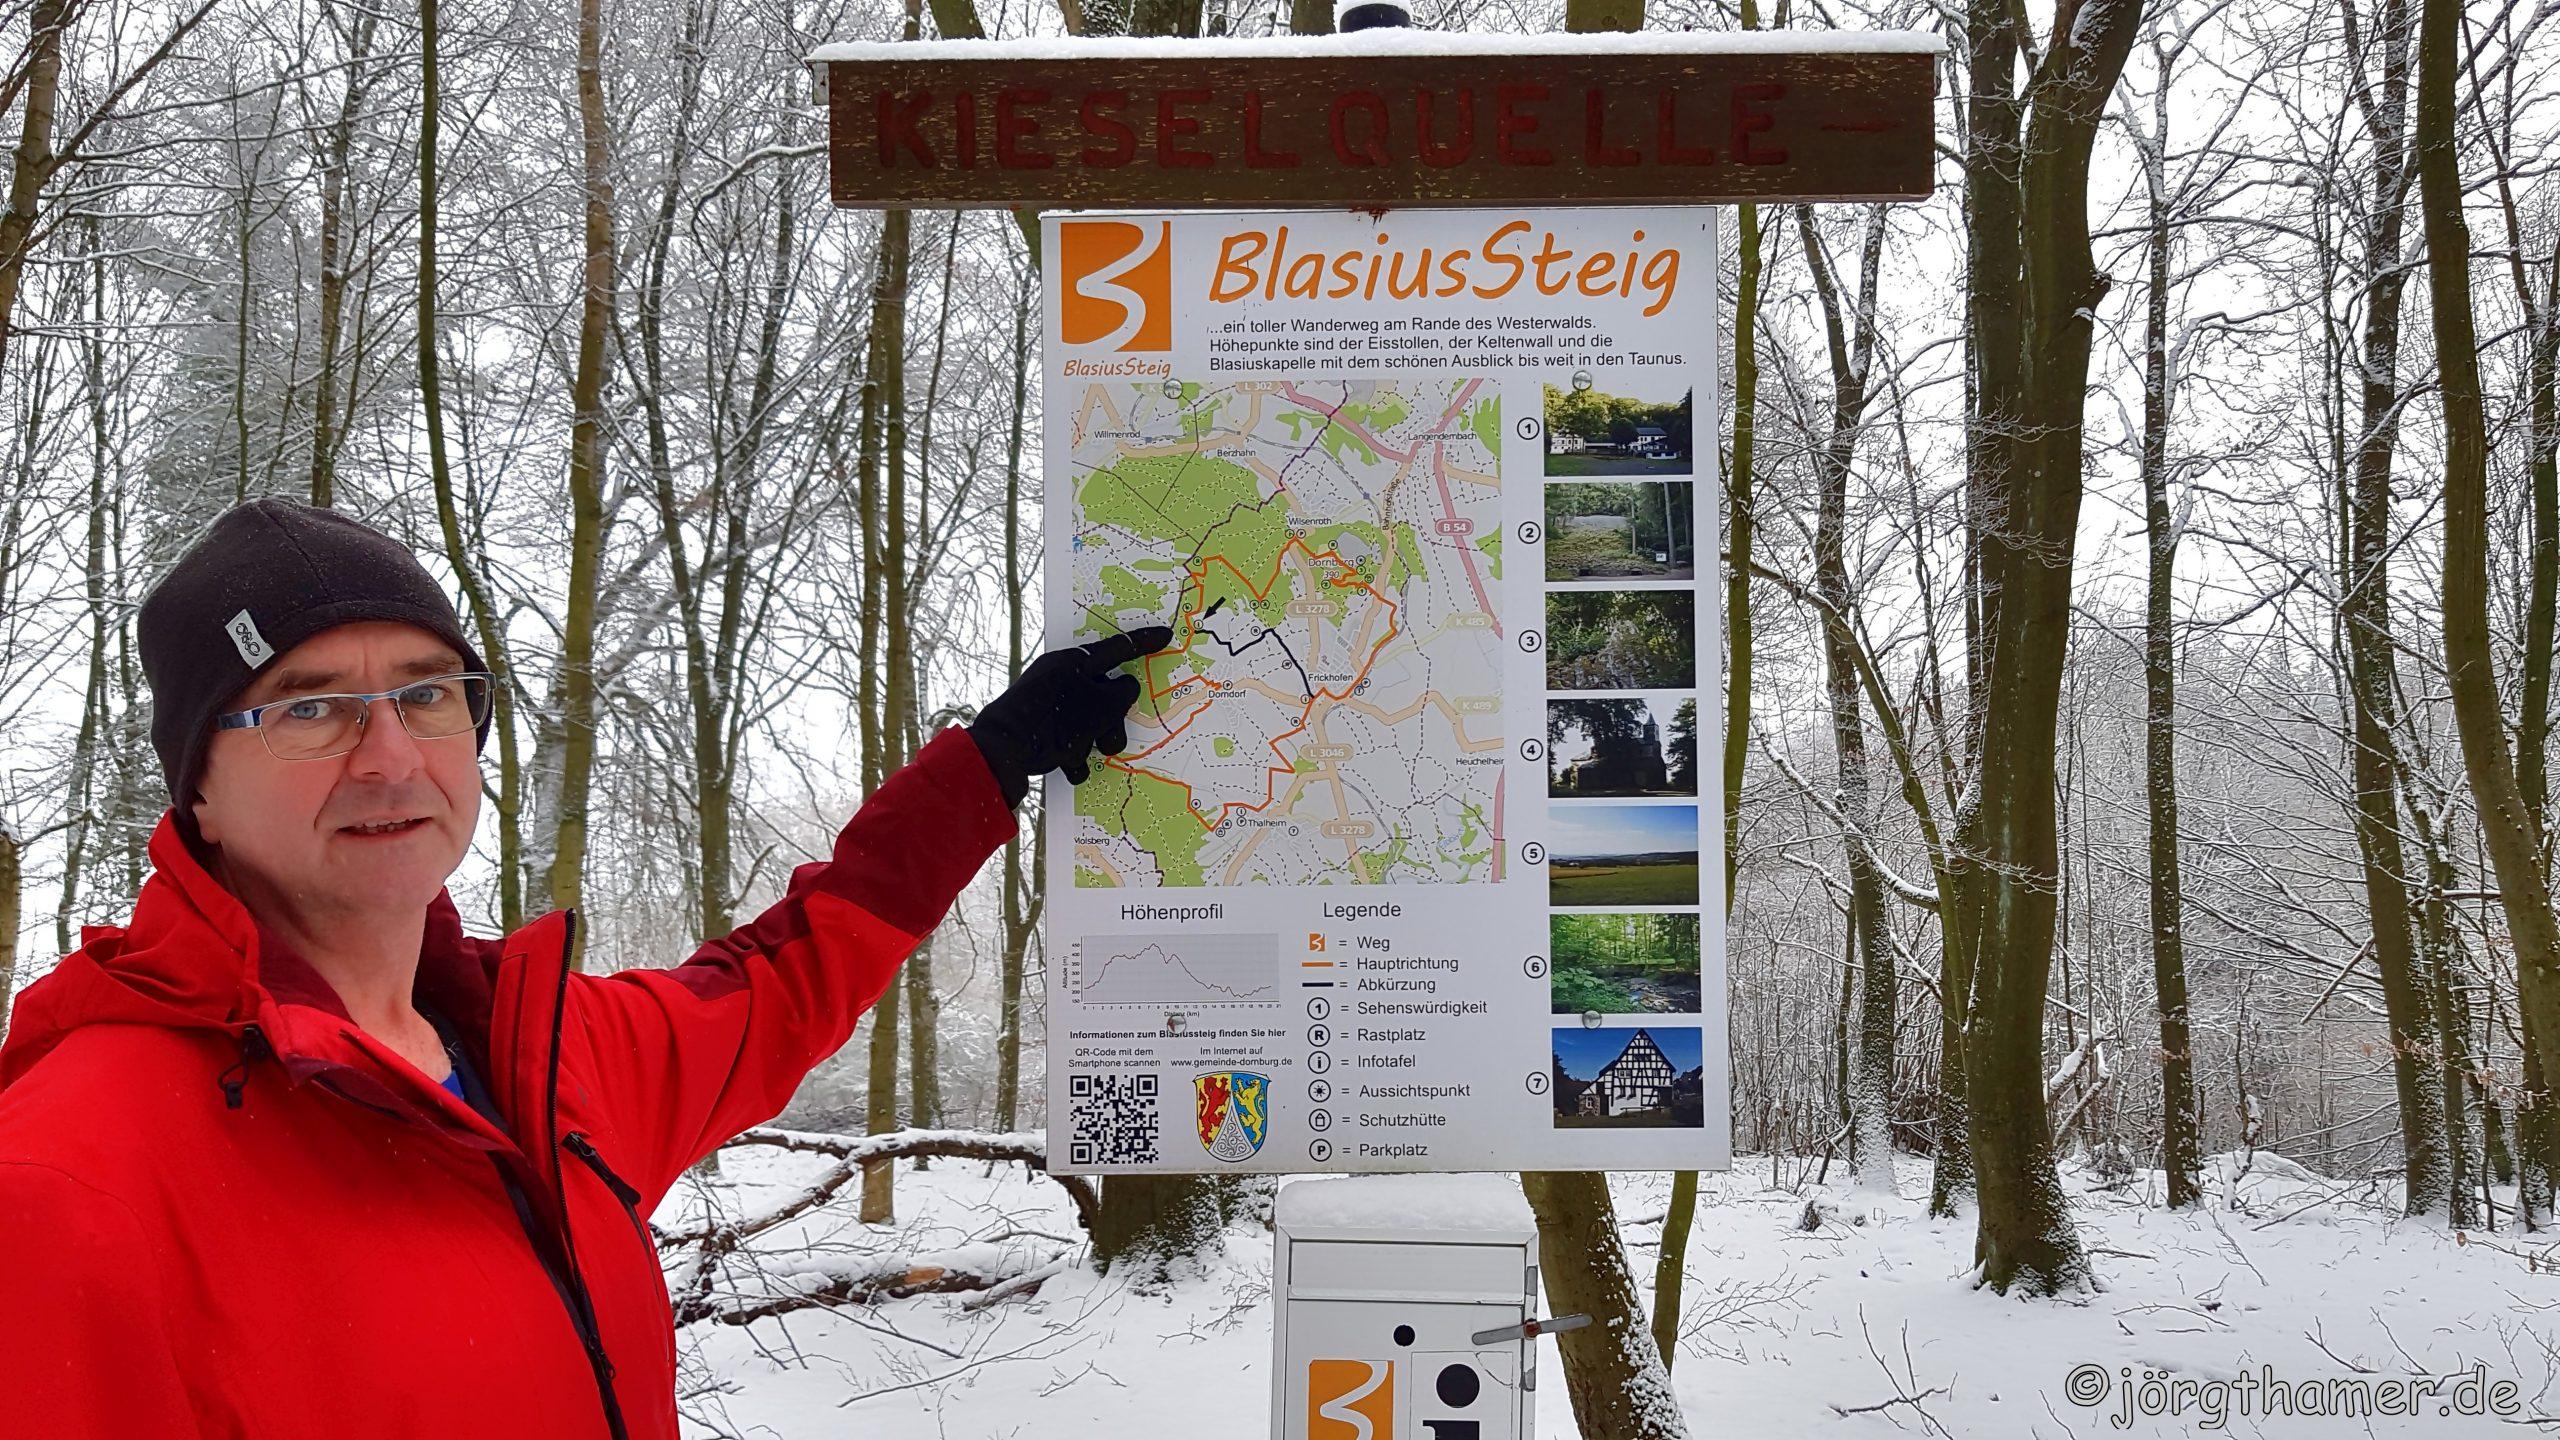 Heimatnah: der BlasiusSteig Dornburg (Südvariante) | Outdoorsuechtig